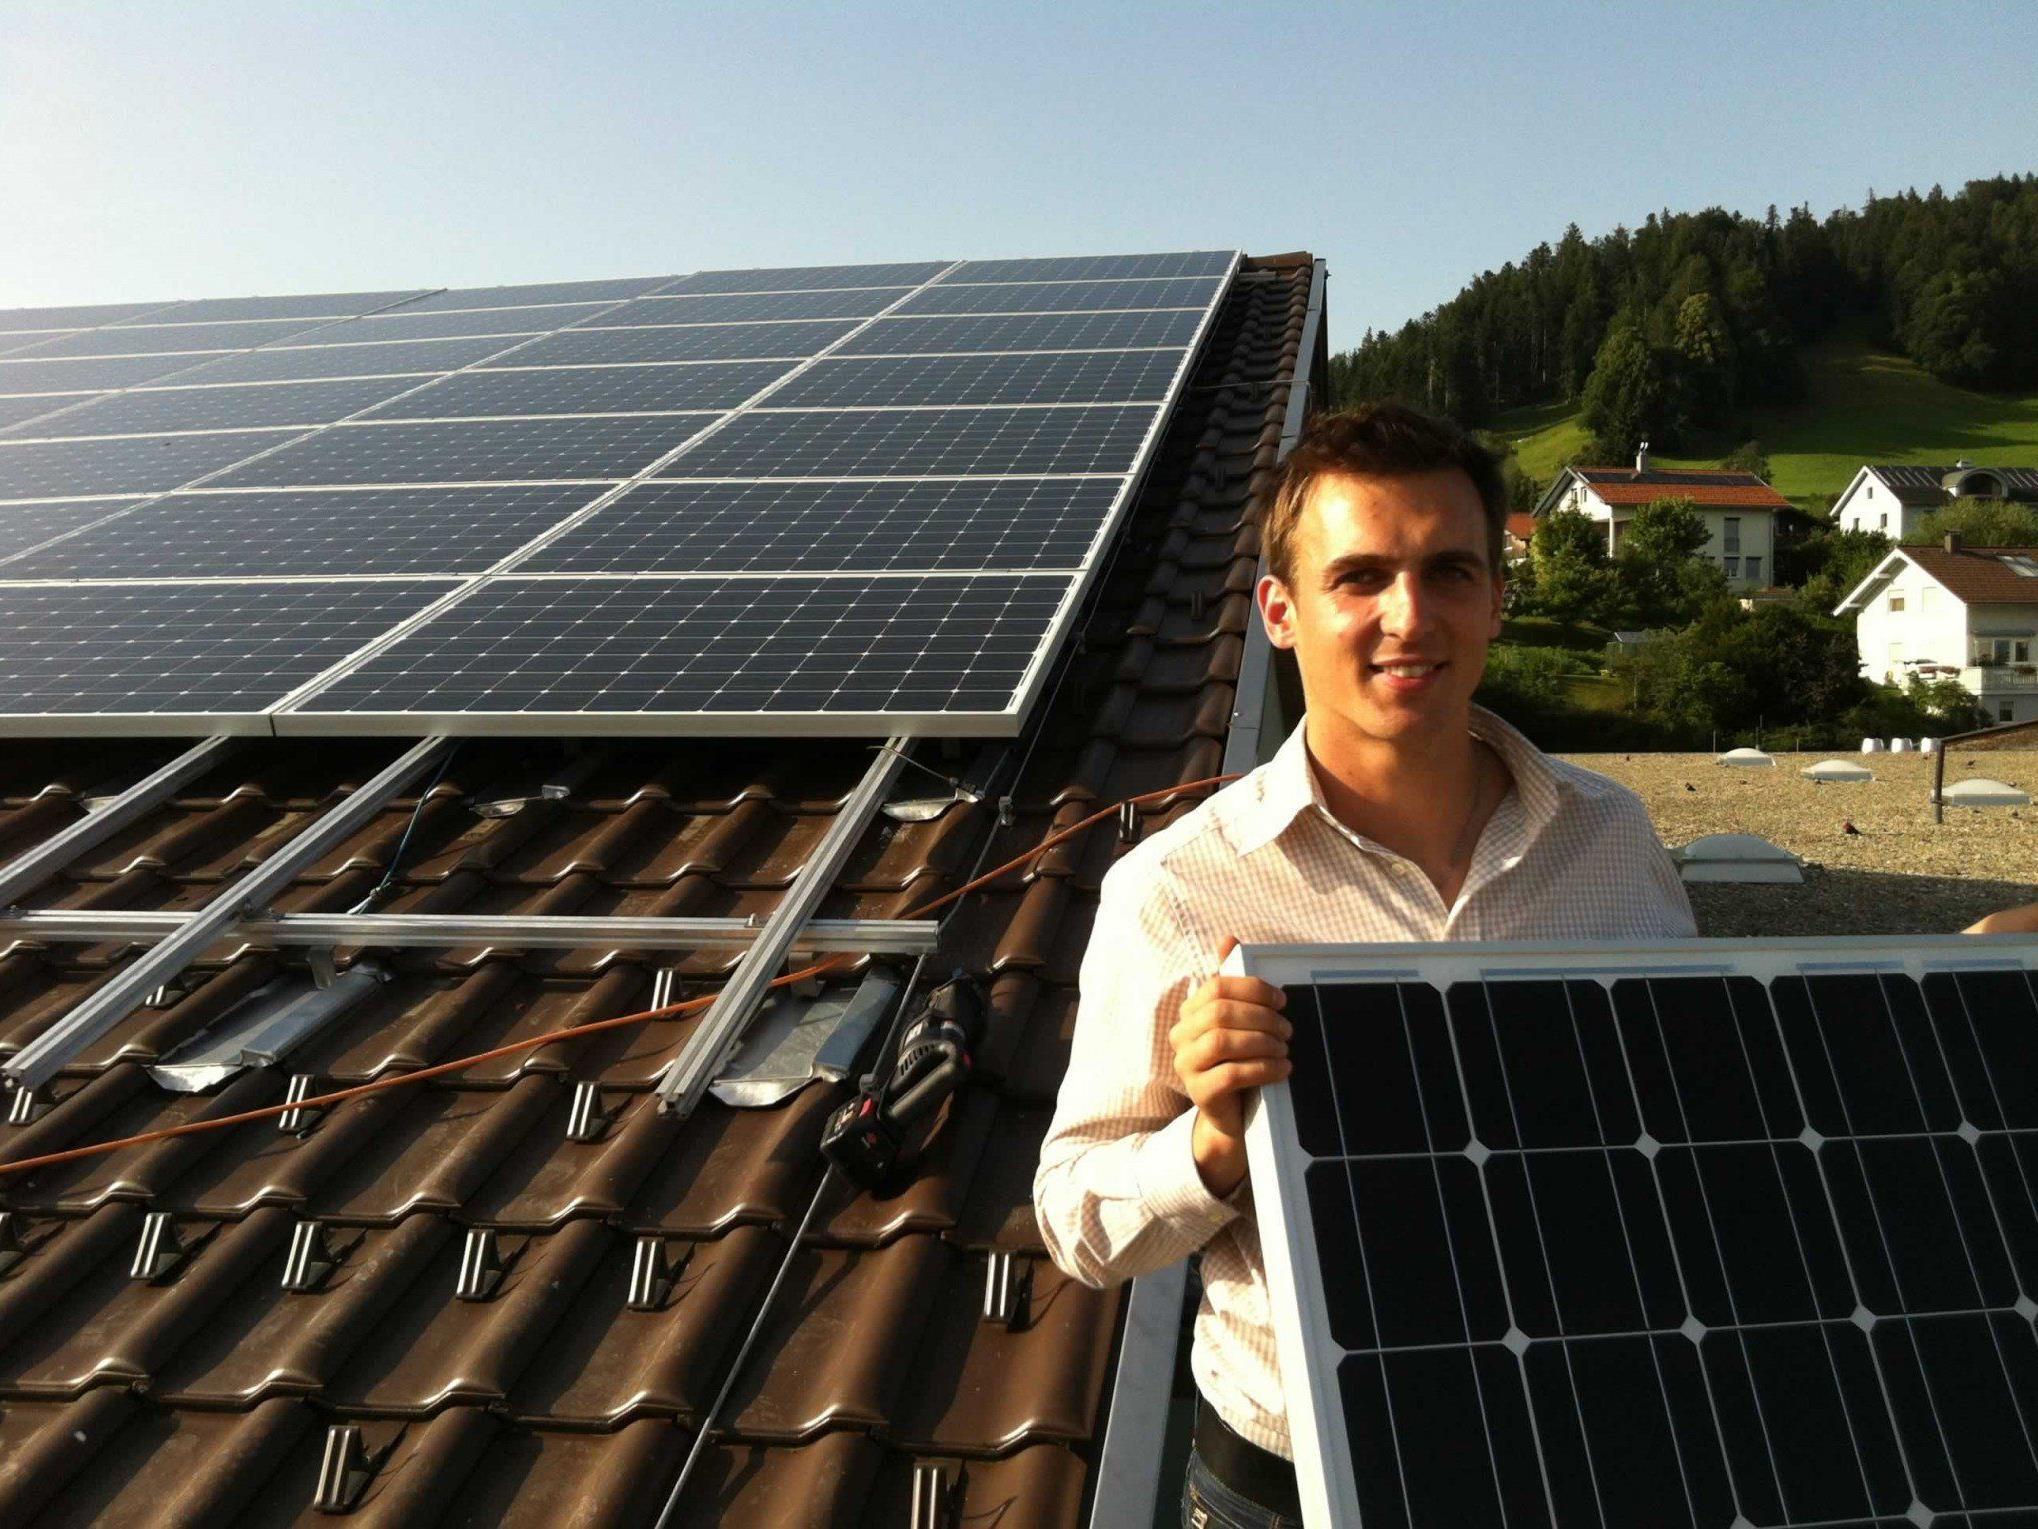 In der Energieregion Vorderwald startet eine gemeinsame Fotovoltaik-Aktion.